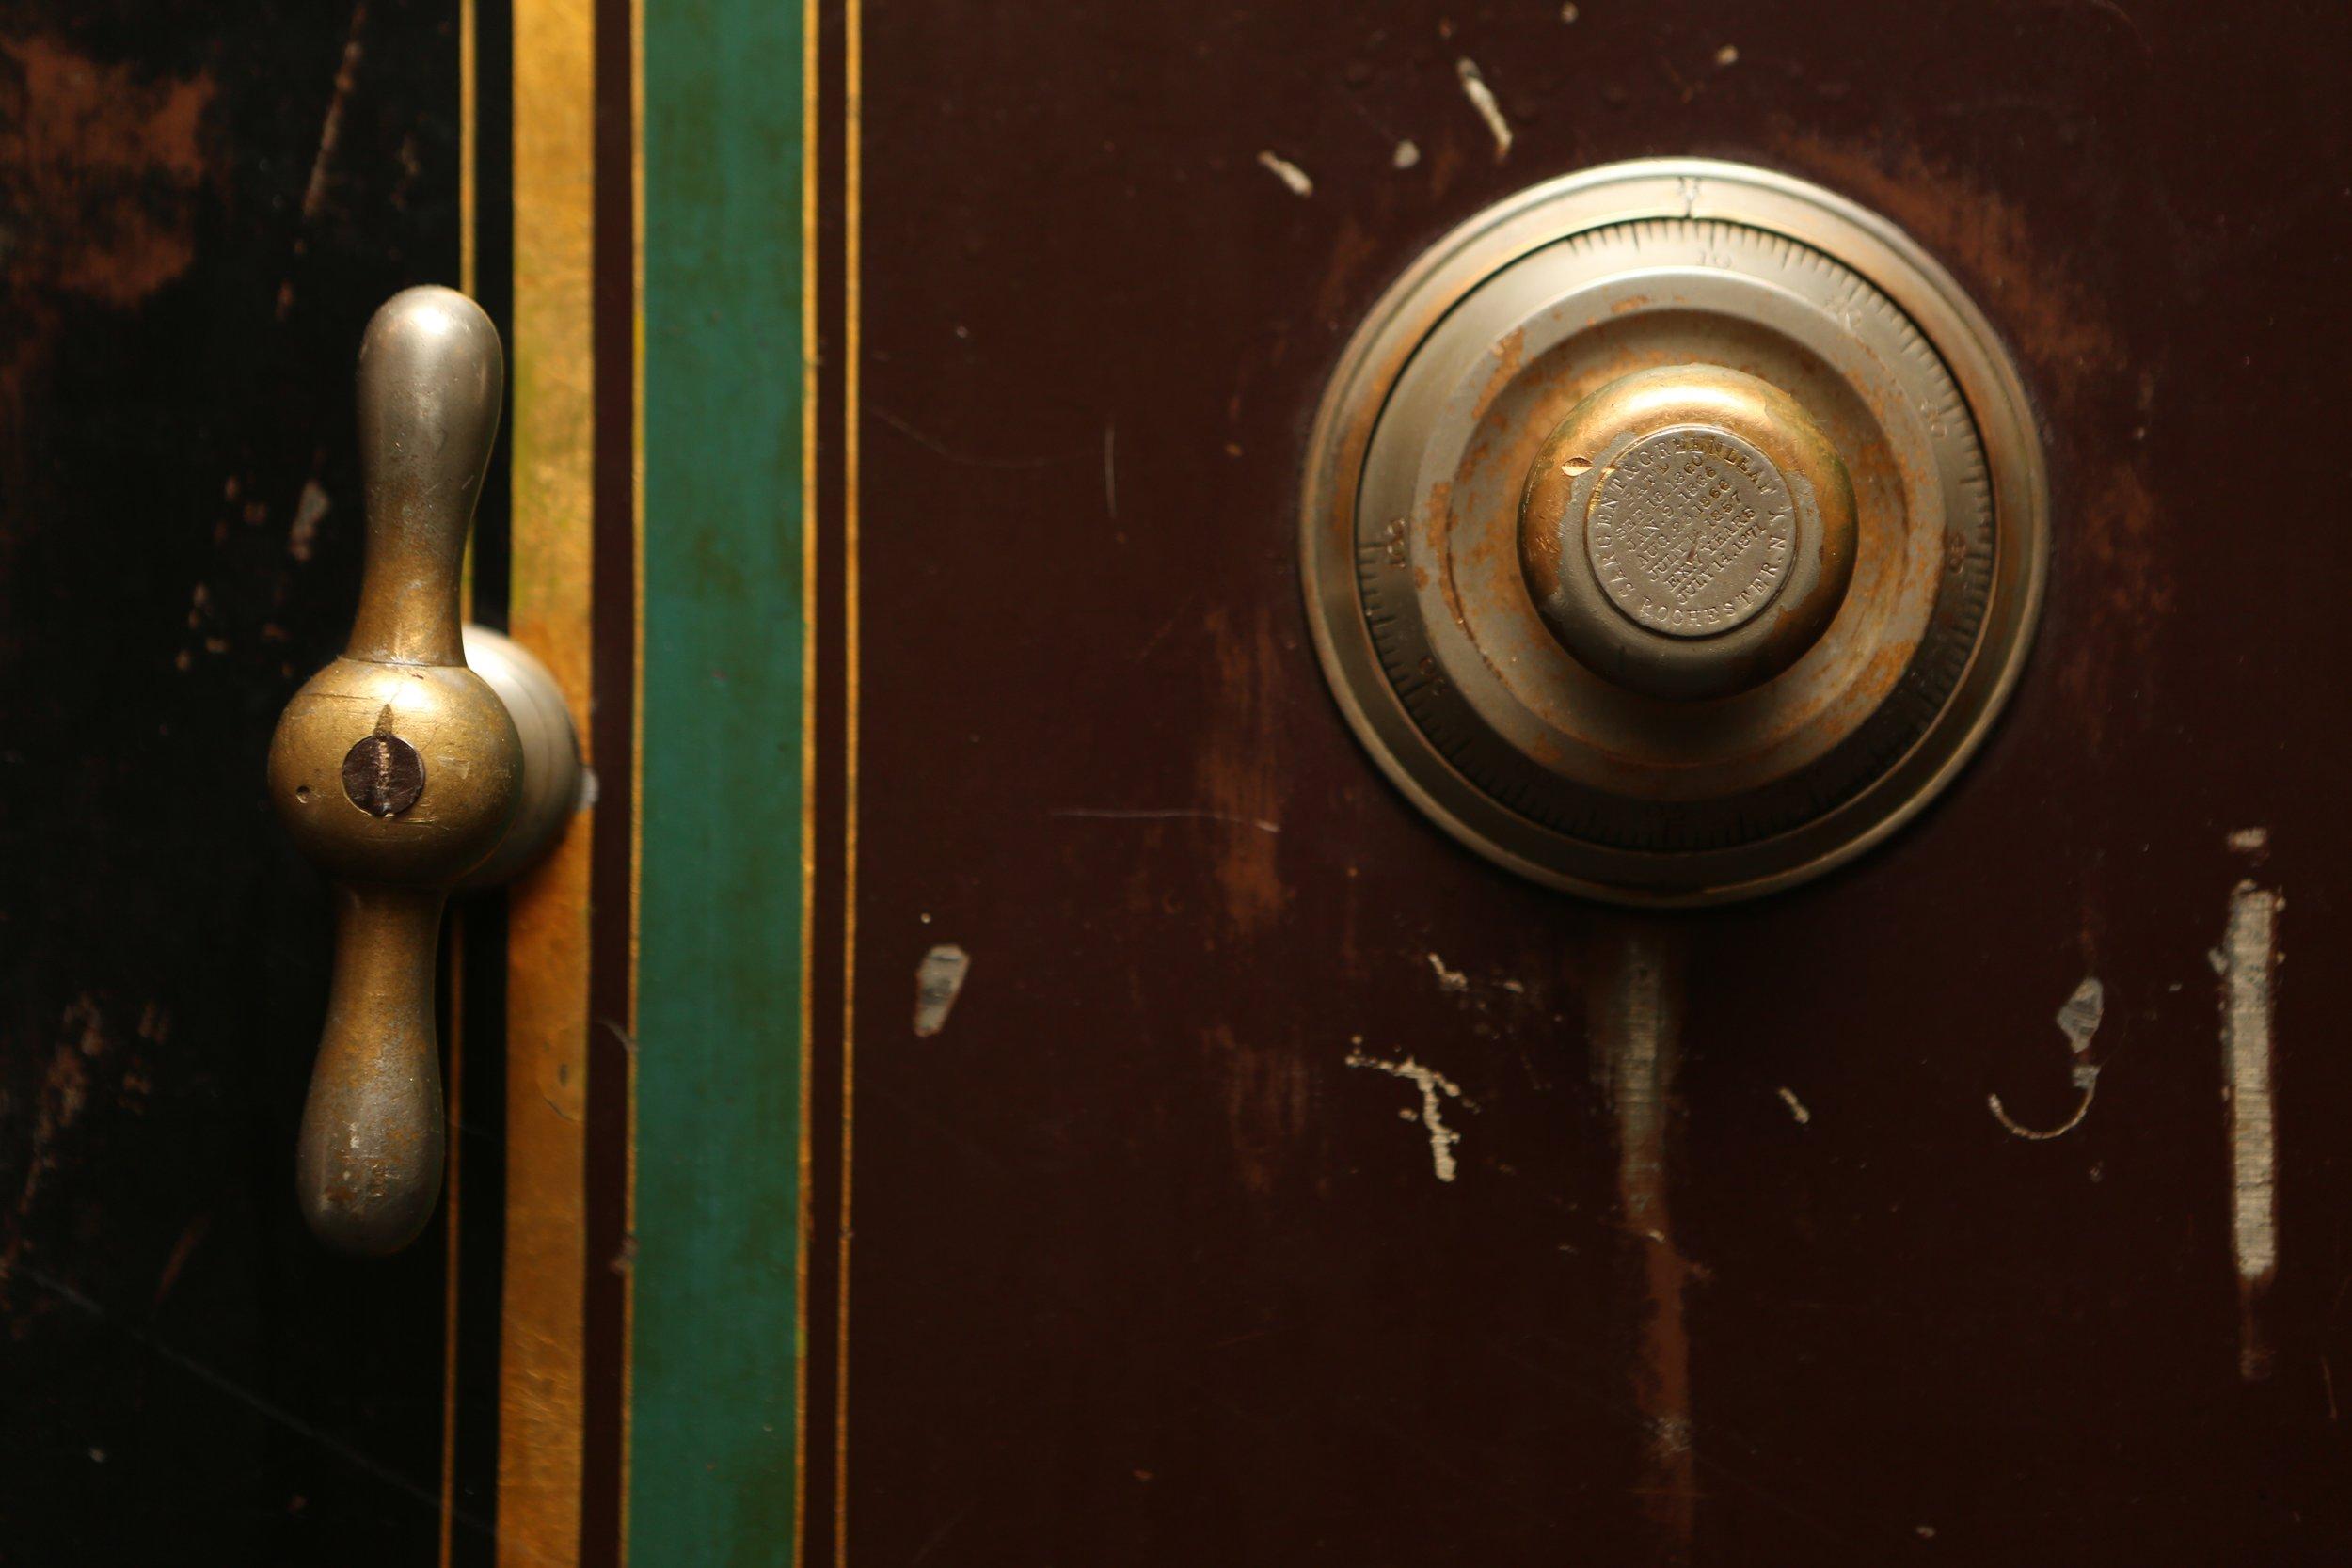 light-vintage-ring-glass-alarm-bell-779897-pxhere.com.jpg